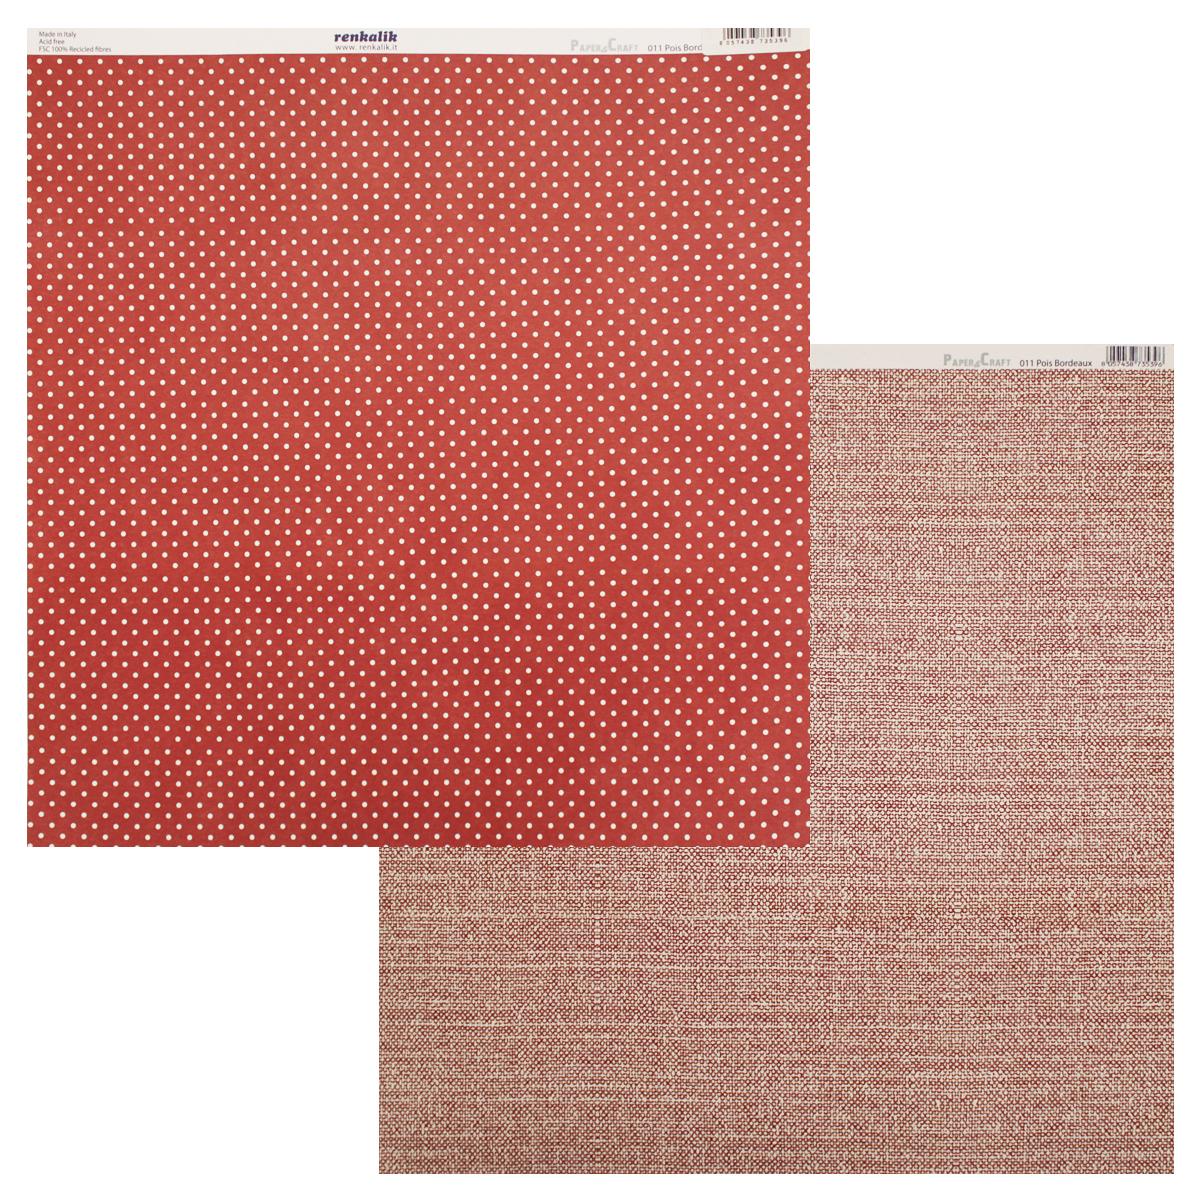 Бумага для скрапбукинга Renkalik Точки. Ткань, двухсторонняя, 30,5 х 30,5 см. CS3050117716529